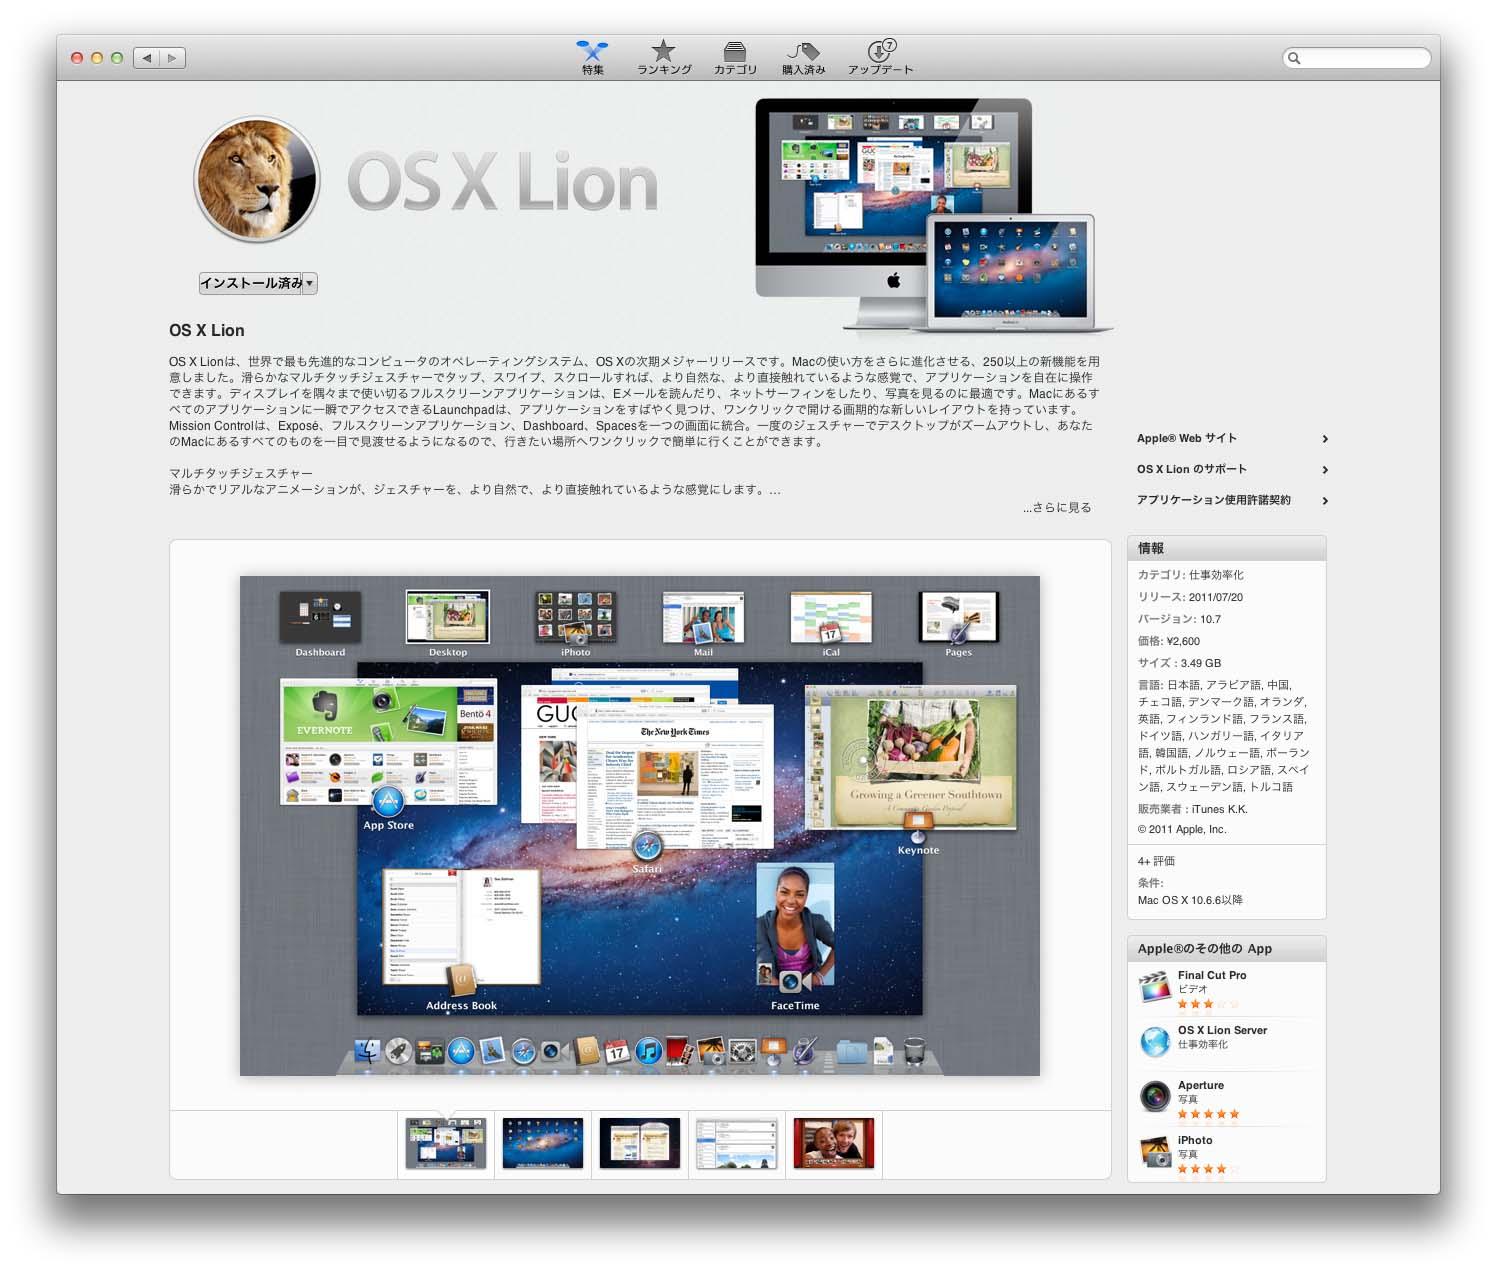 Mac App StoreにおけるLionの紹介画面。ここからダウンロード購入できる